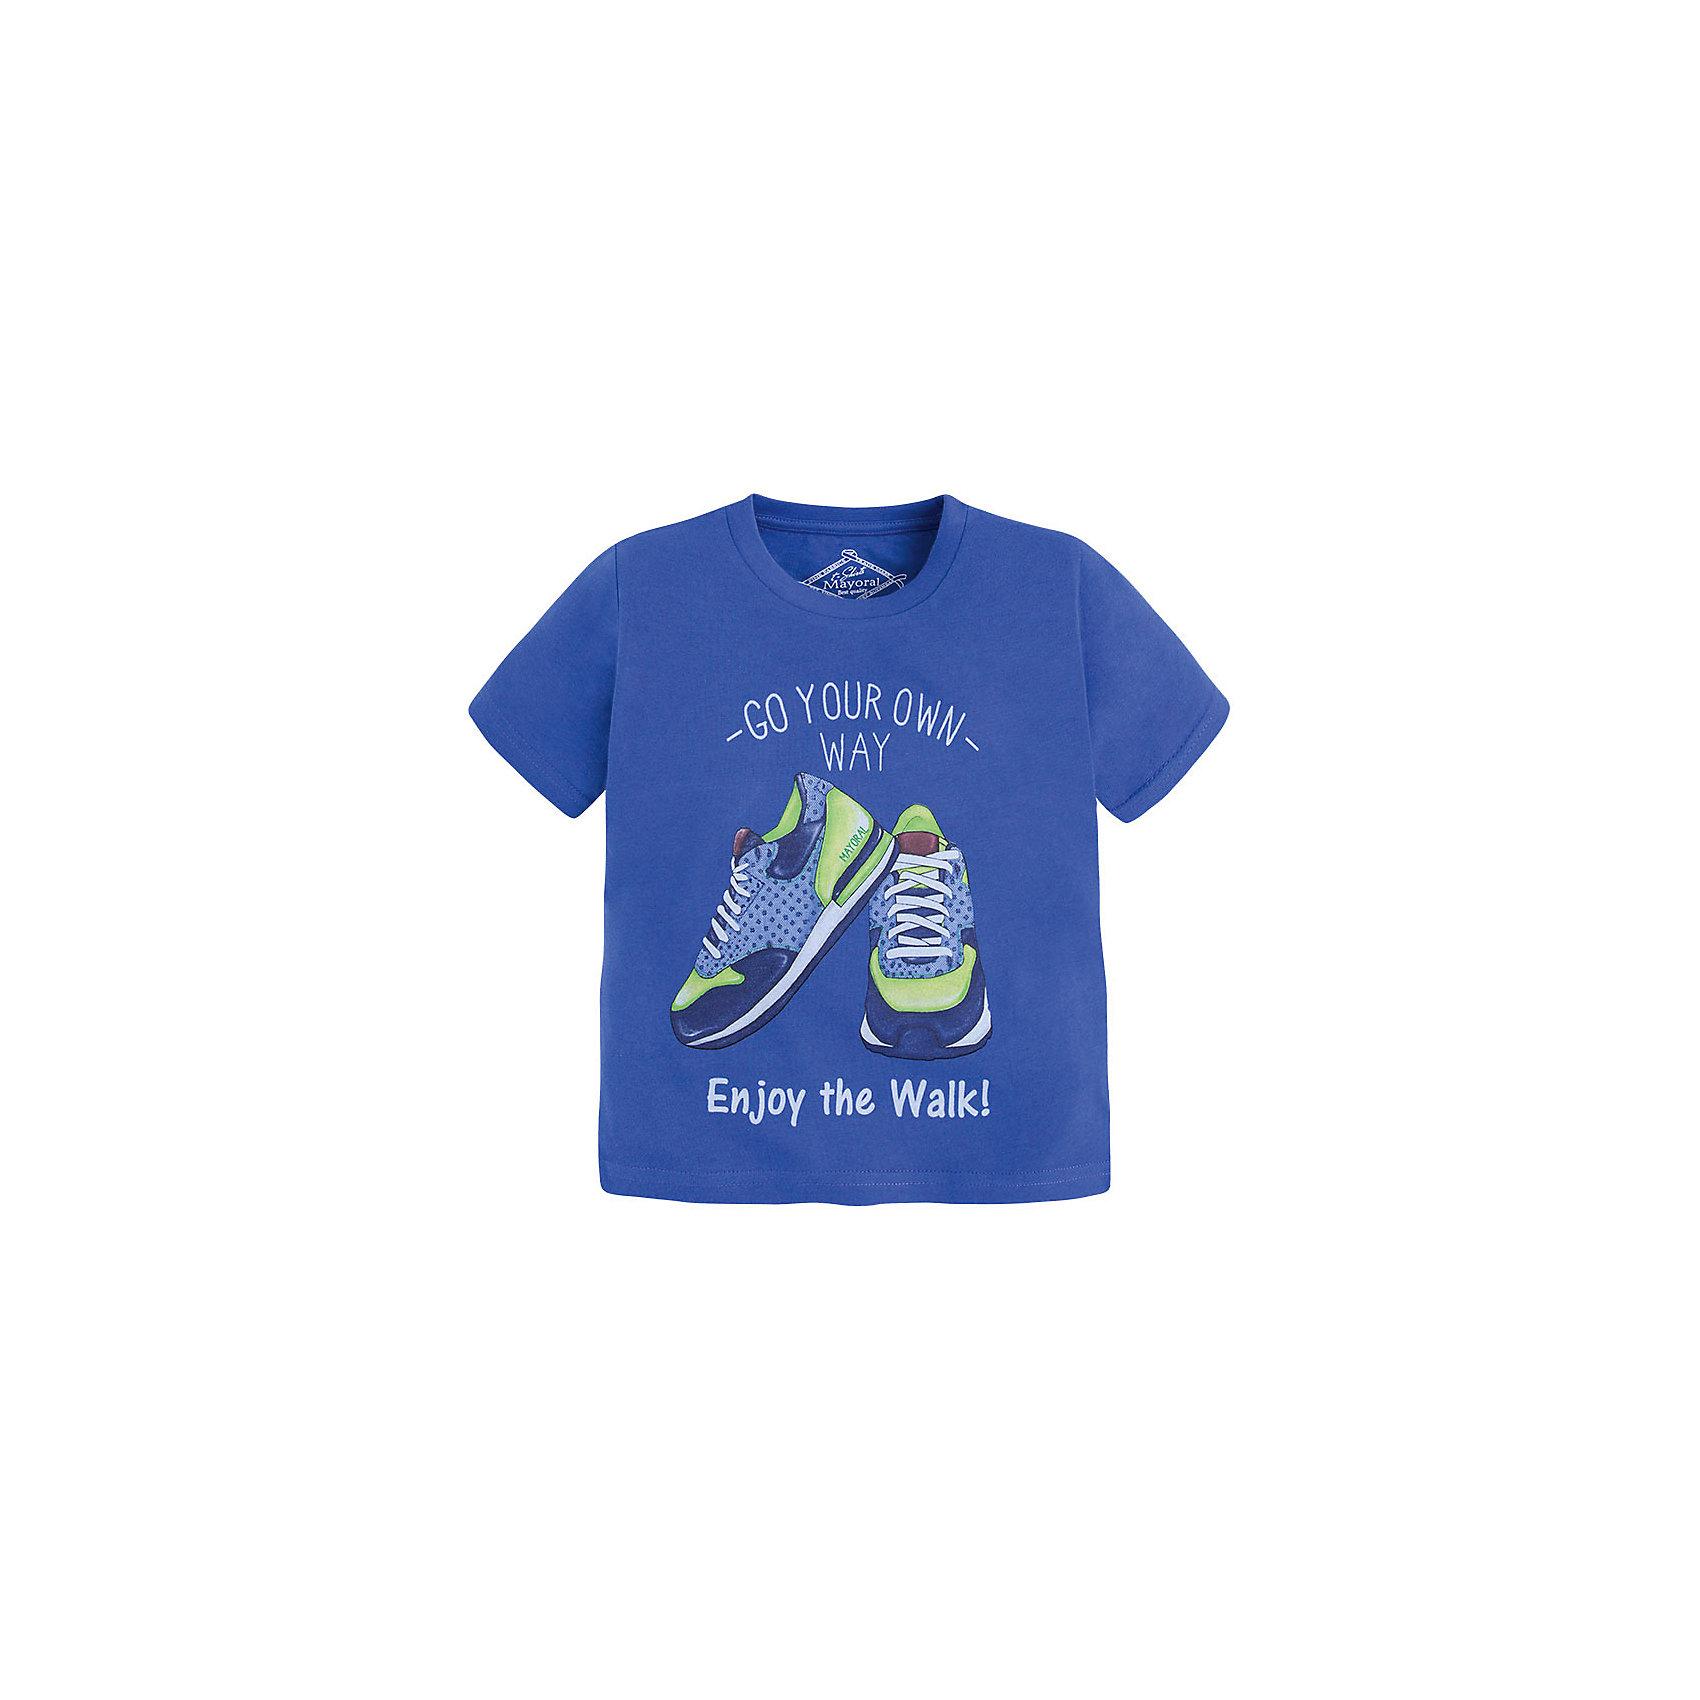 Футболка для мальчика MayoralФутболка для мальчика от известной испанской марки Mayoral <br><br>Стильная футболка от Mayoral - отличный вариант одежды на каждый день! Она прекрасно сочетается с джинсами и шортами.  Модель выполнена из качественных материалов, отлично сидит по фигуре.<br><br>Особенности модели:<br><br>- цвет: синий;<br>- рукава короткие;<br>- украшена принтом;<br>- окантовка ворота.<br><br>Дополнительная информация:<br><br>Состав: 65% полиэстер, 35% хлопок<br><br>Футболку для мальчика Mayoral (Майорал) можно купить в нашем магазине.<br><br>Ширина мм: 199<br>Глубина мм: 10<br>Высота мм: 161<br>Вес г: 151<br>Цвет: голубой<br>Возраст от месяцев: 72<br>Возраст до месяцев: 84<br>Пол: Мужской<br>Возраст: Детский<br>Размер: 122,134,128,116,98,104,110<br>SKU: 4541339